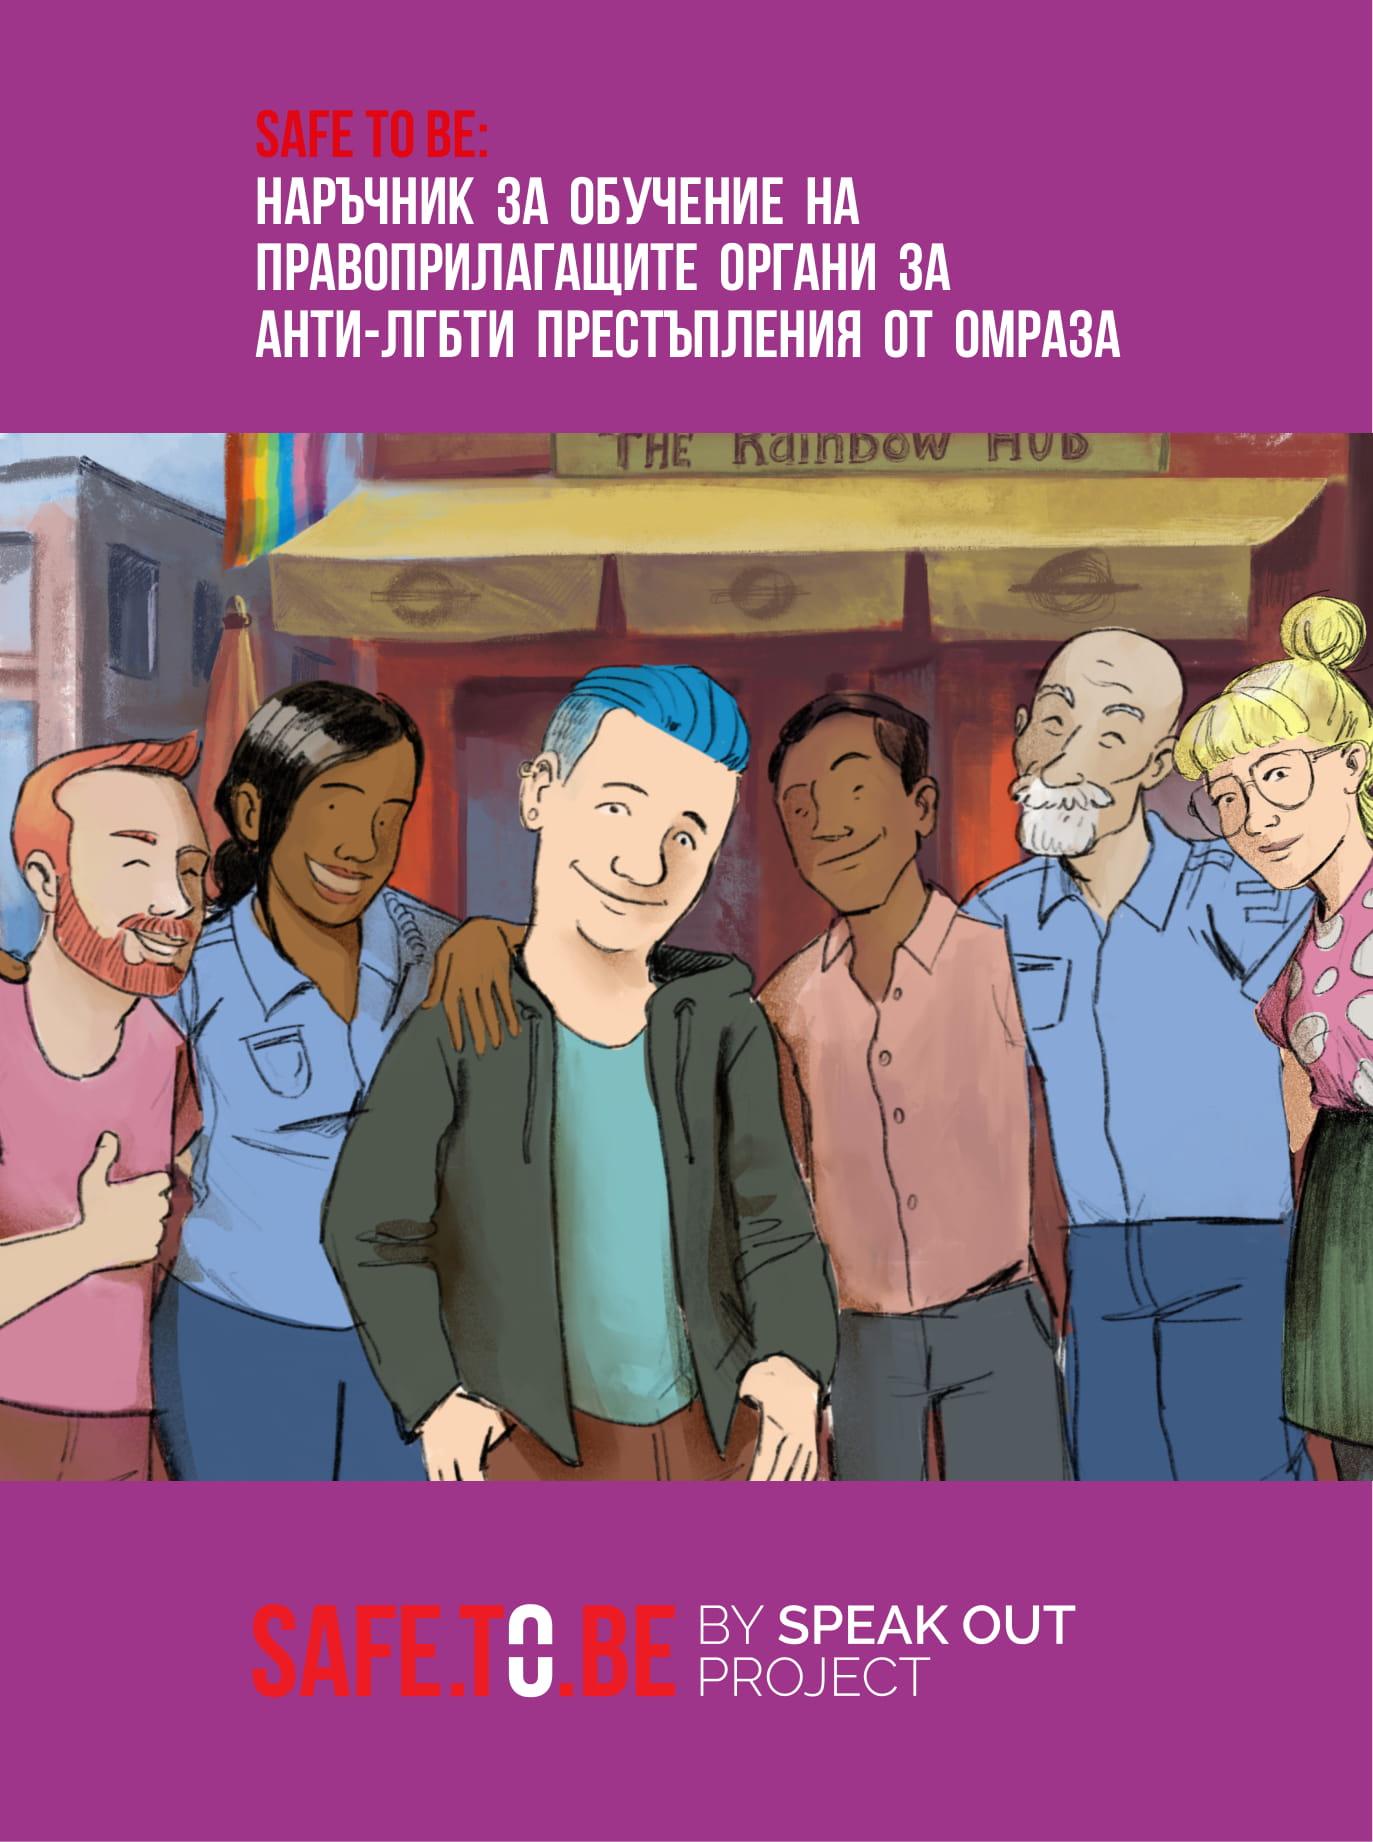 Нови обучителни материали на тема анти-ЛГБТИ престъпления от омраза